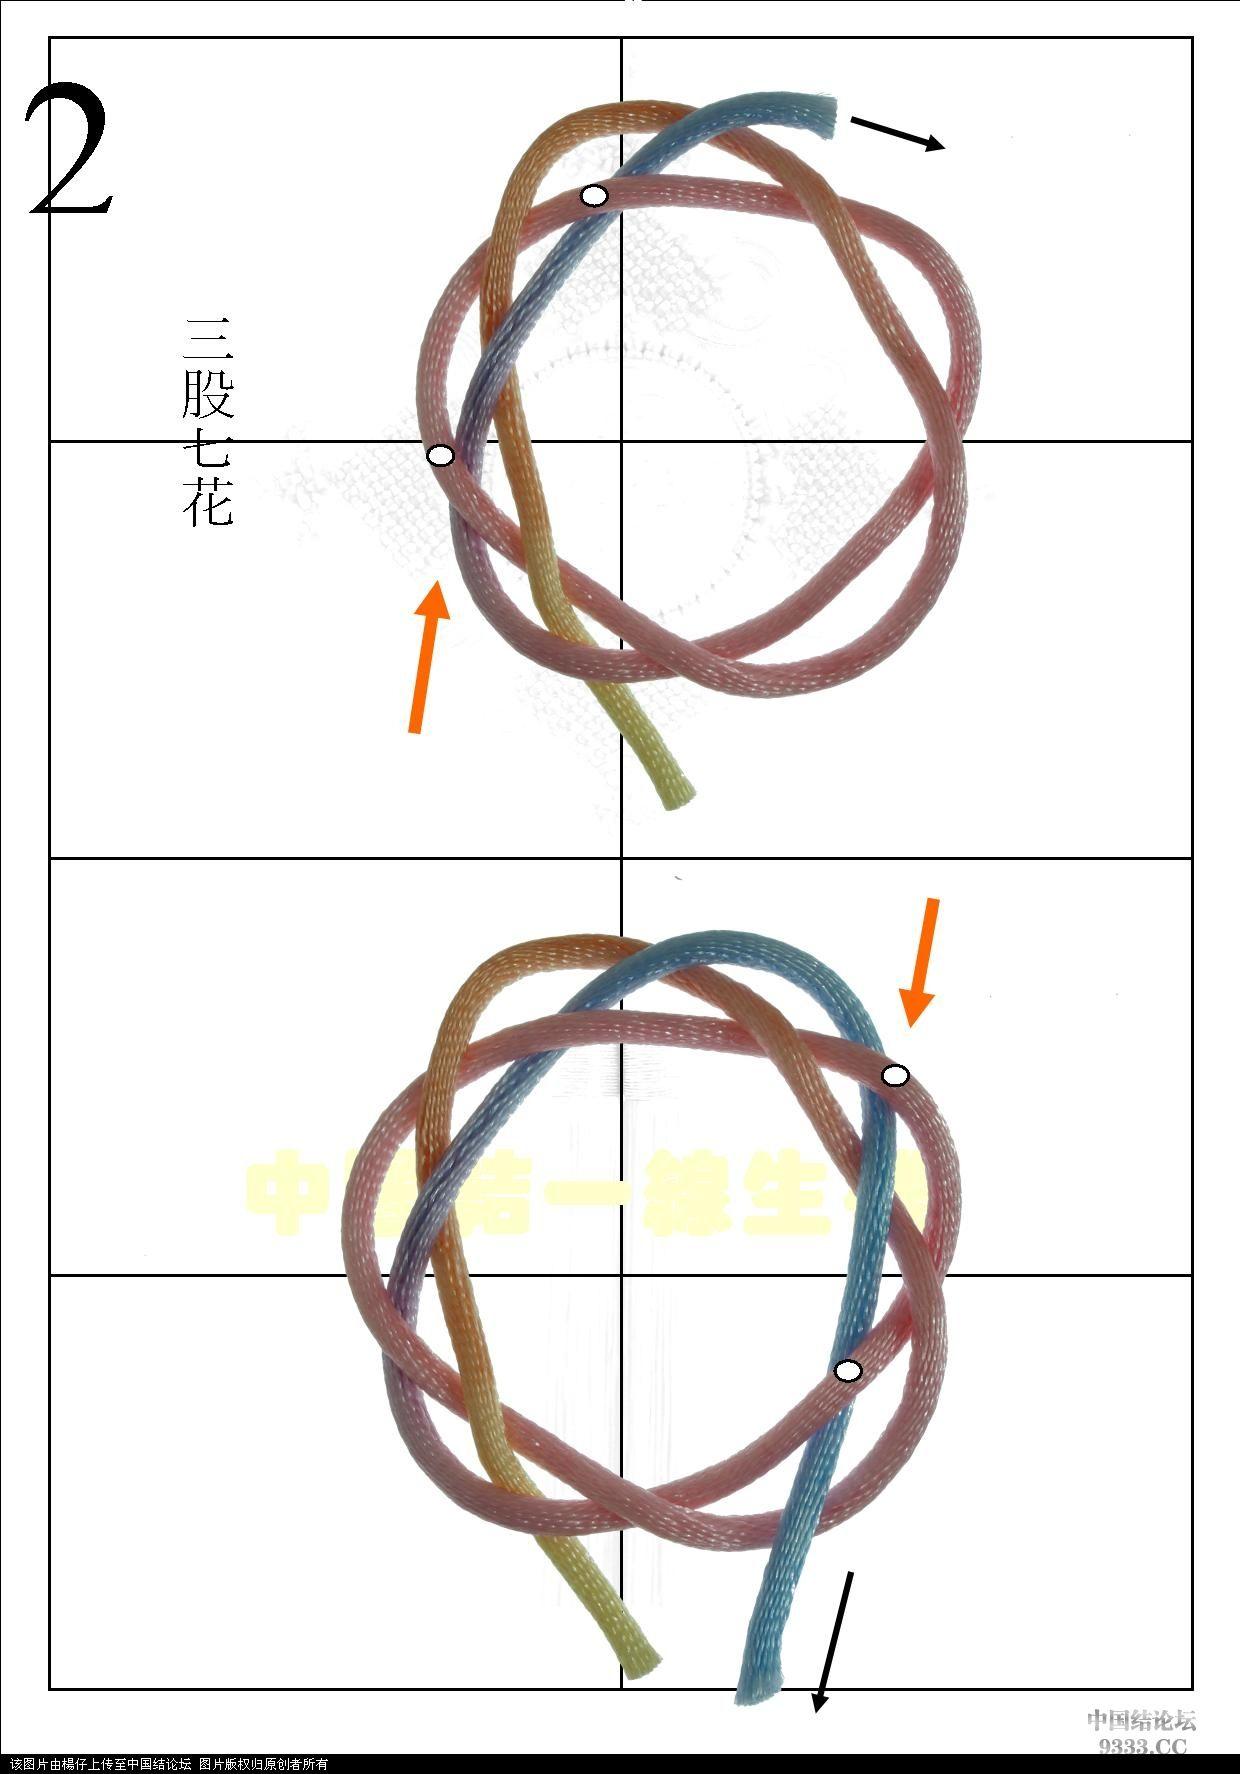 中国结论坛 三股七花  一线生机-杨朝宗专栏 1005251809ecb9c9d2f2fa834f